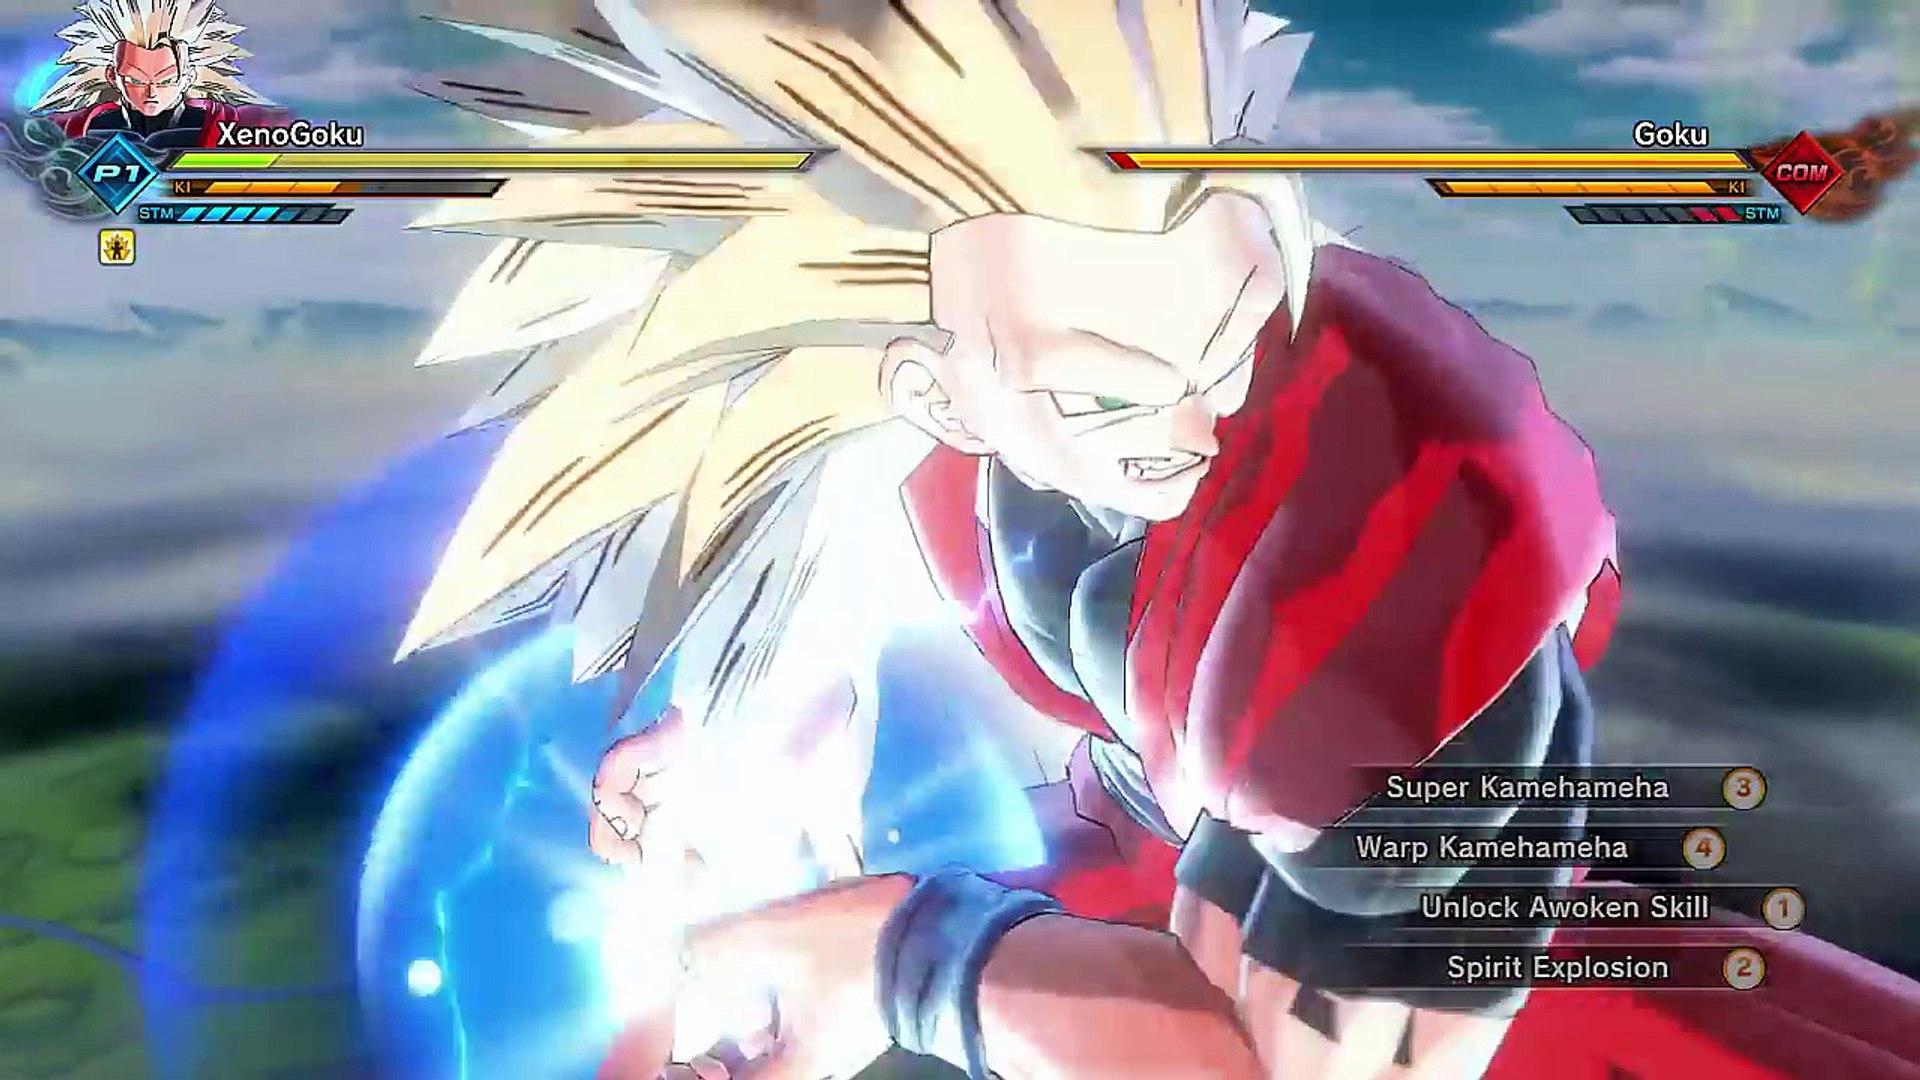 Goku Vegeta Gohan Trunks Goten Db Heroes Dragon Ball